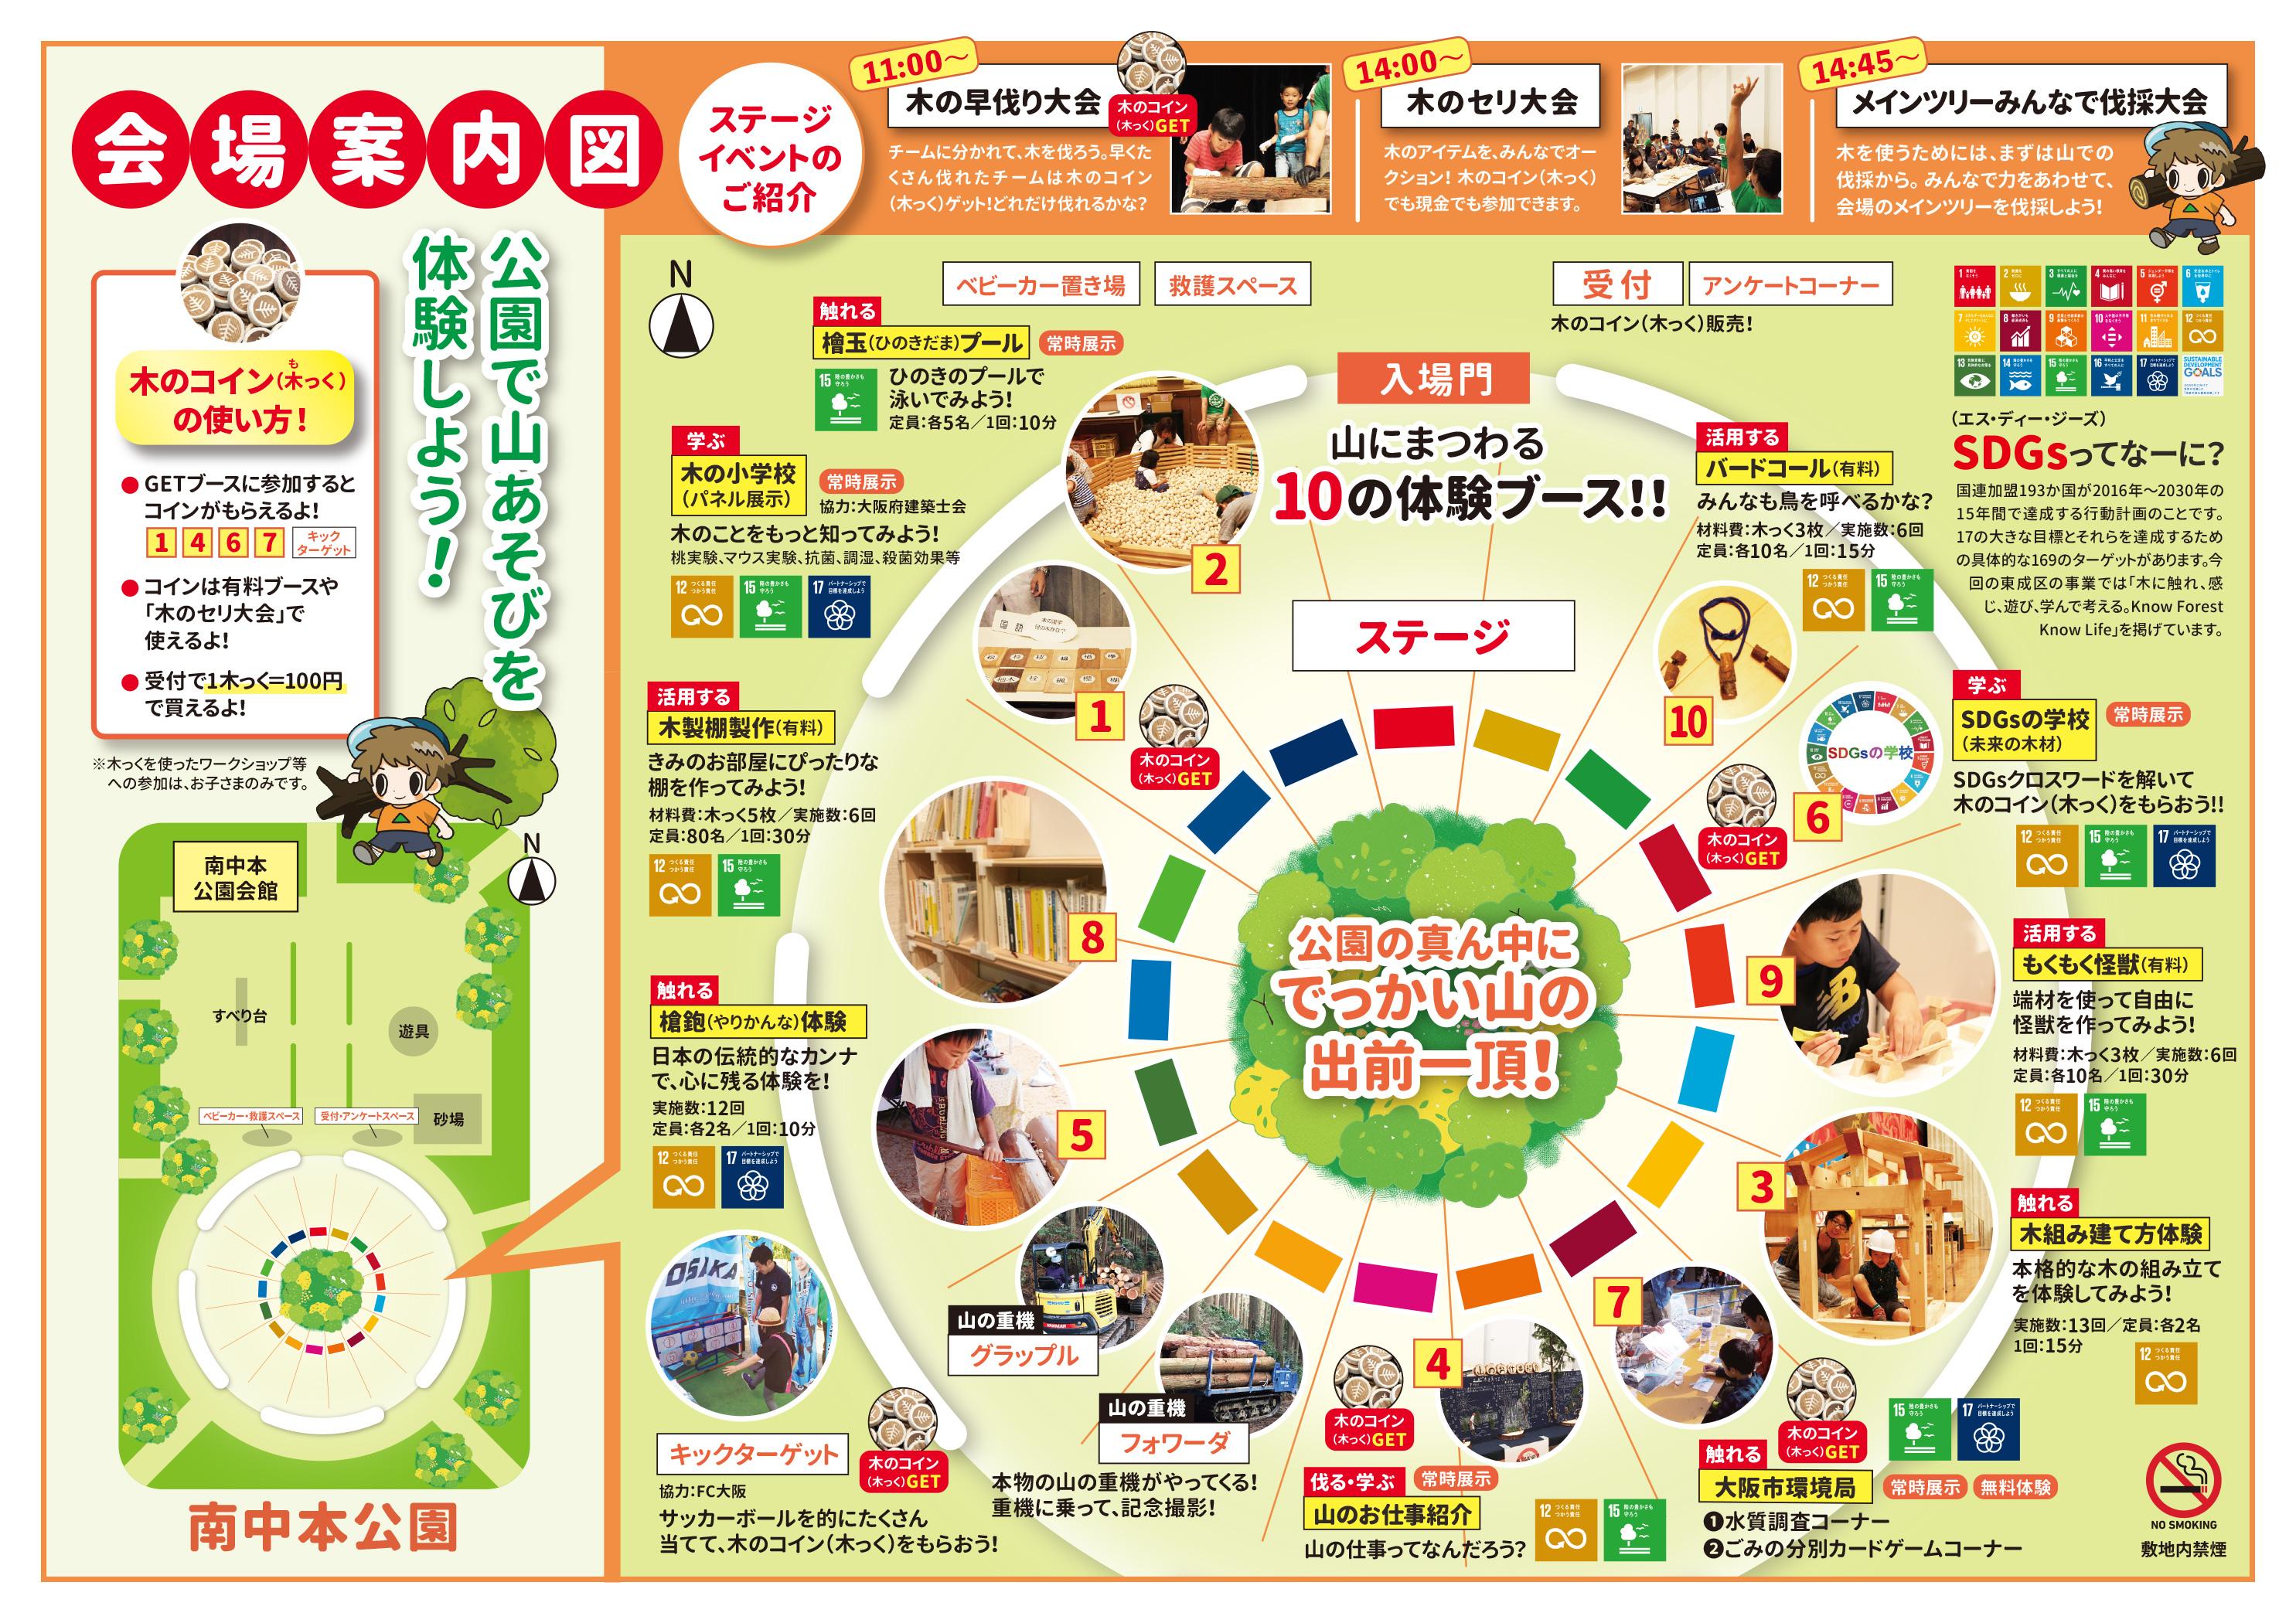 環境・SDGs体験フェスタ 山の出前一頂vol.2(大阪市東成区)